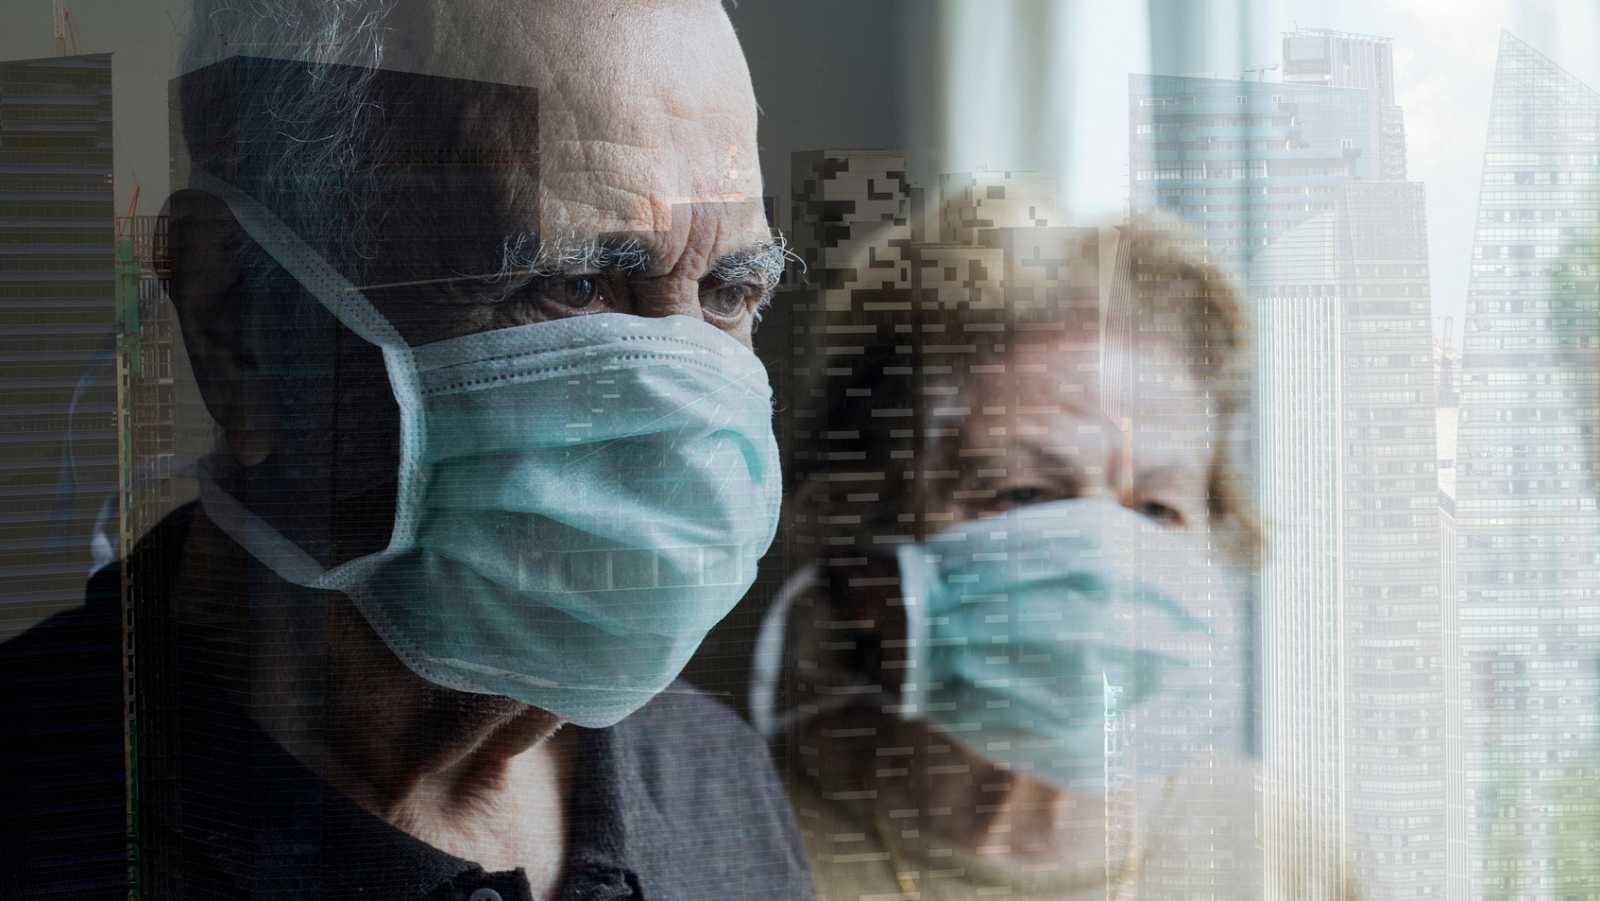 92 investigadores estudiarán el impacto del virus en más de 3.000 ancianos.